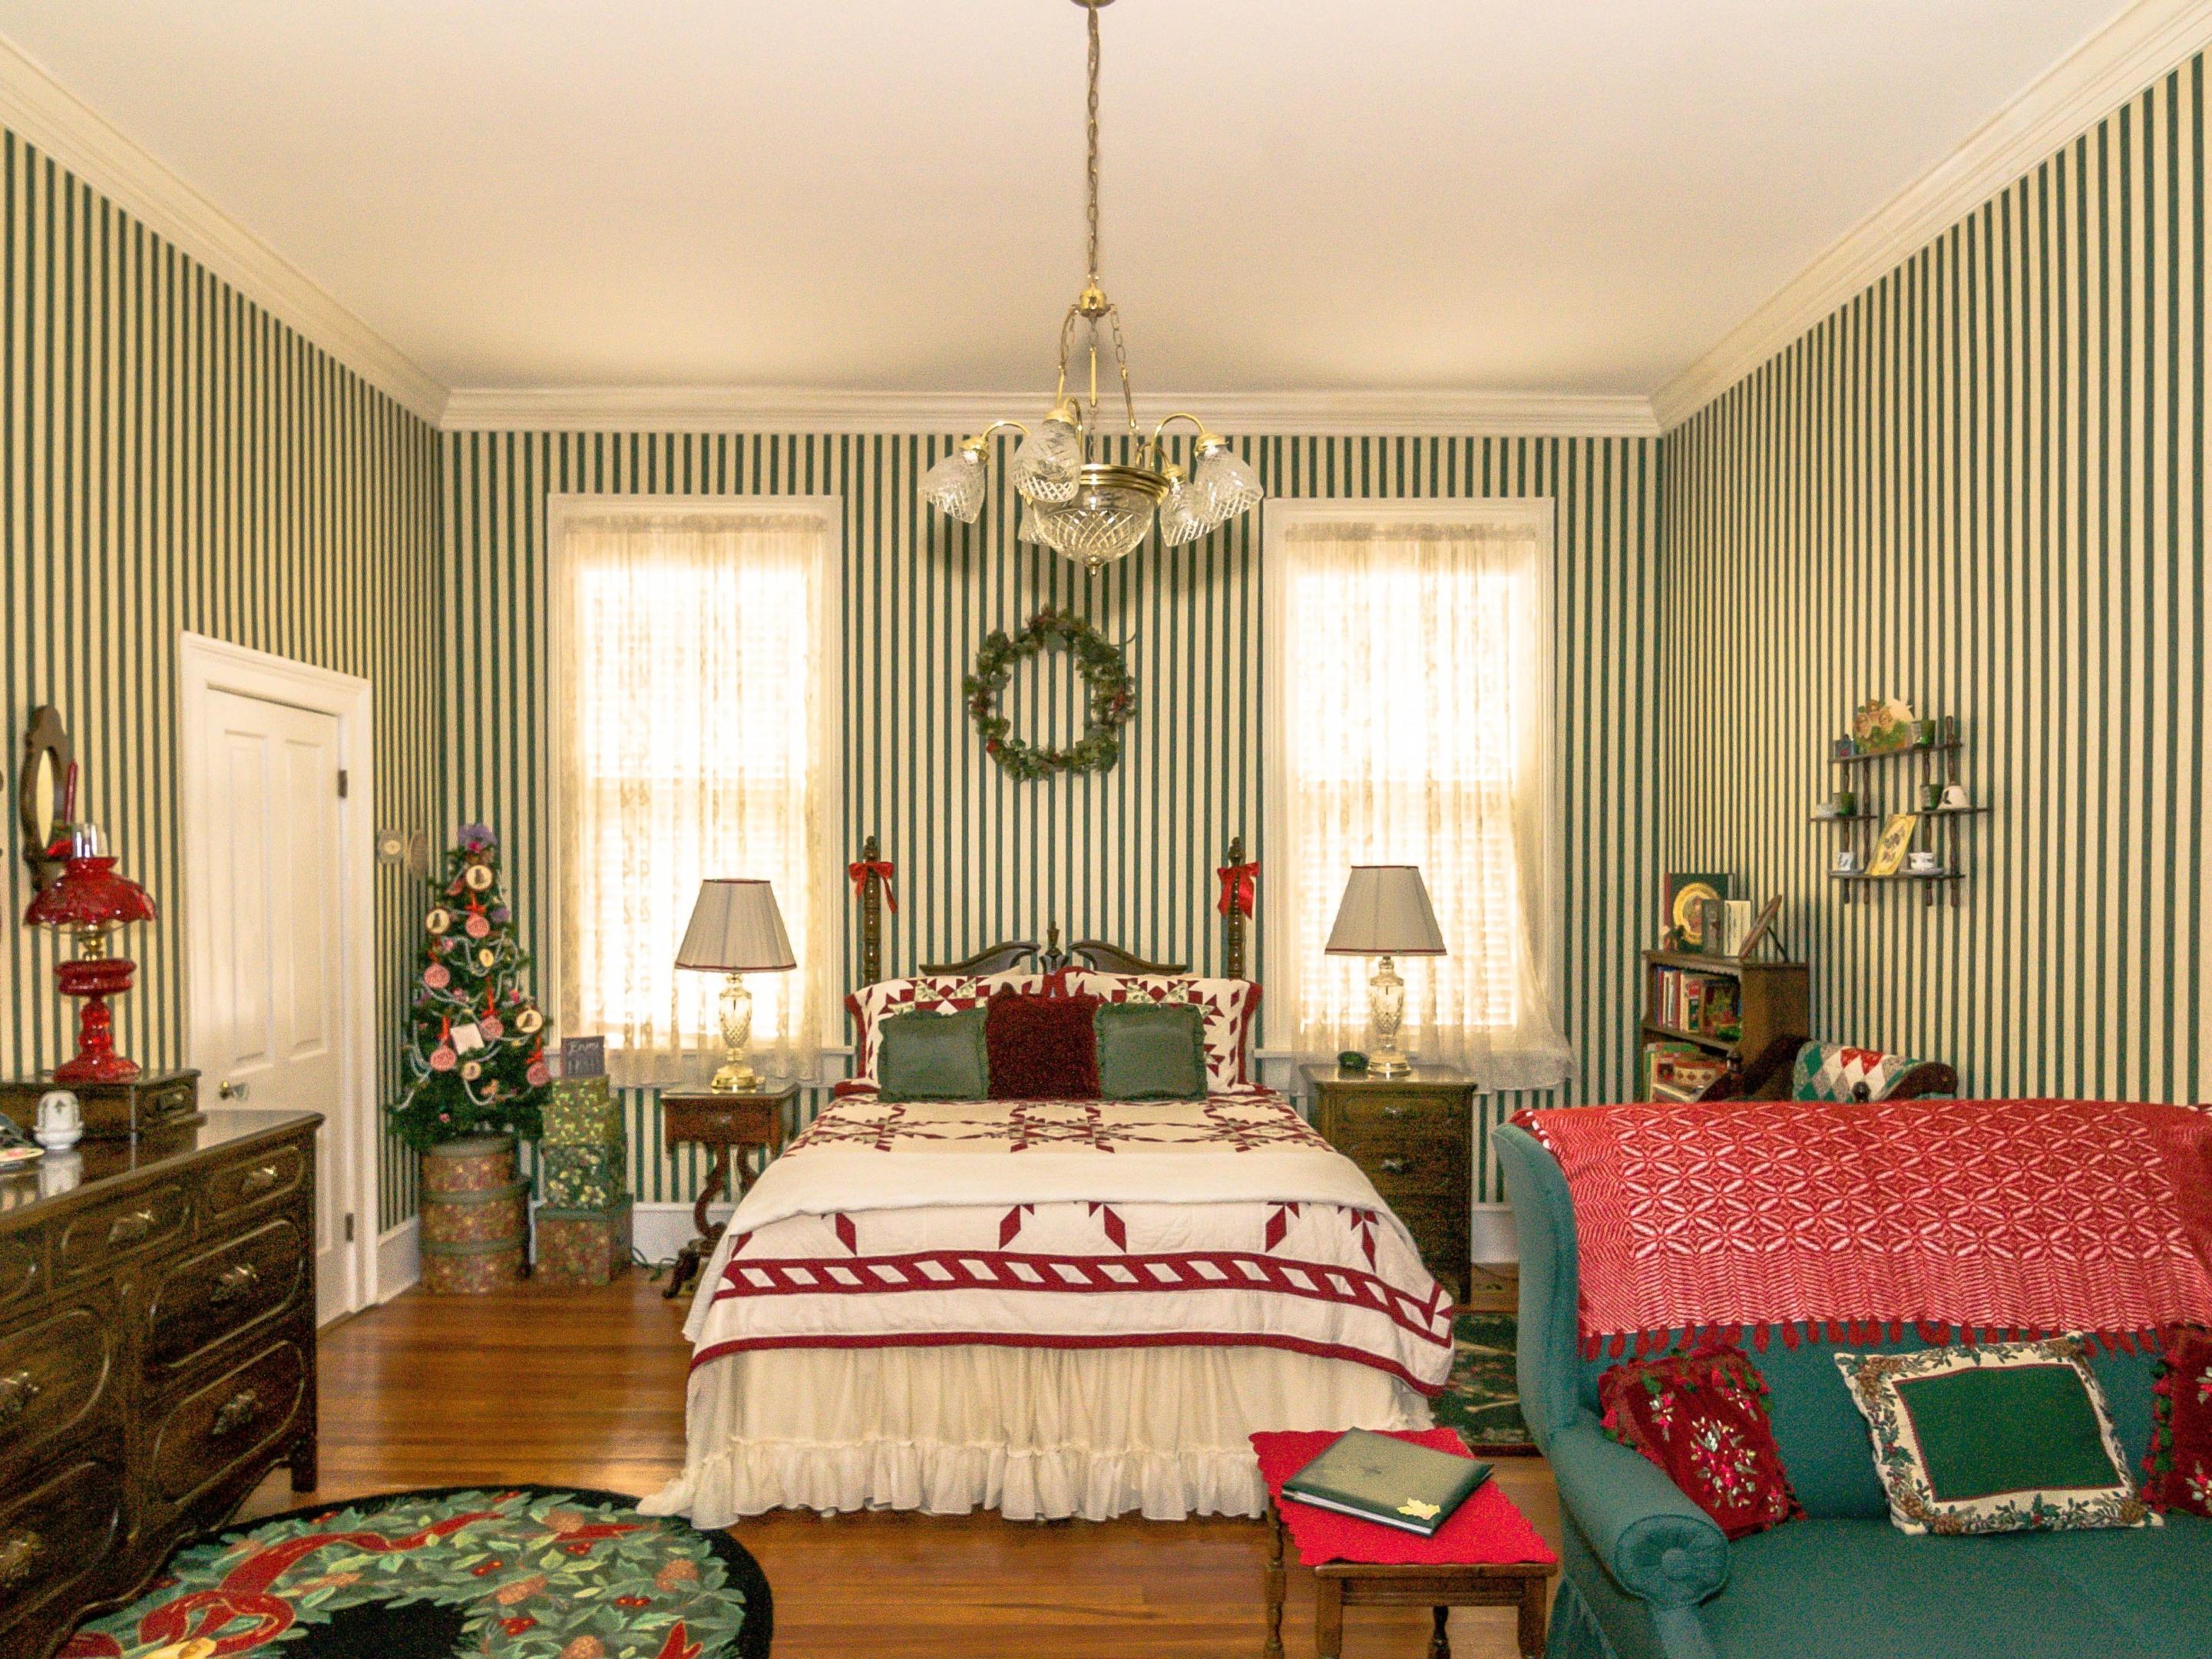 Holly Room